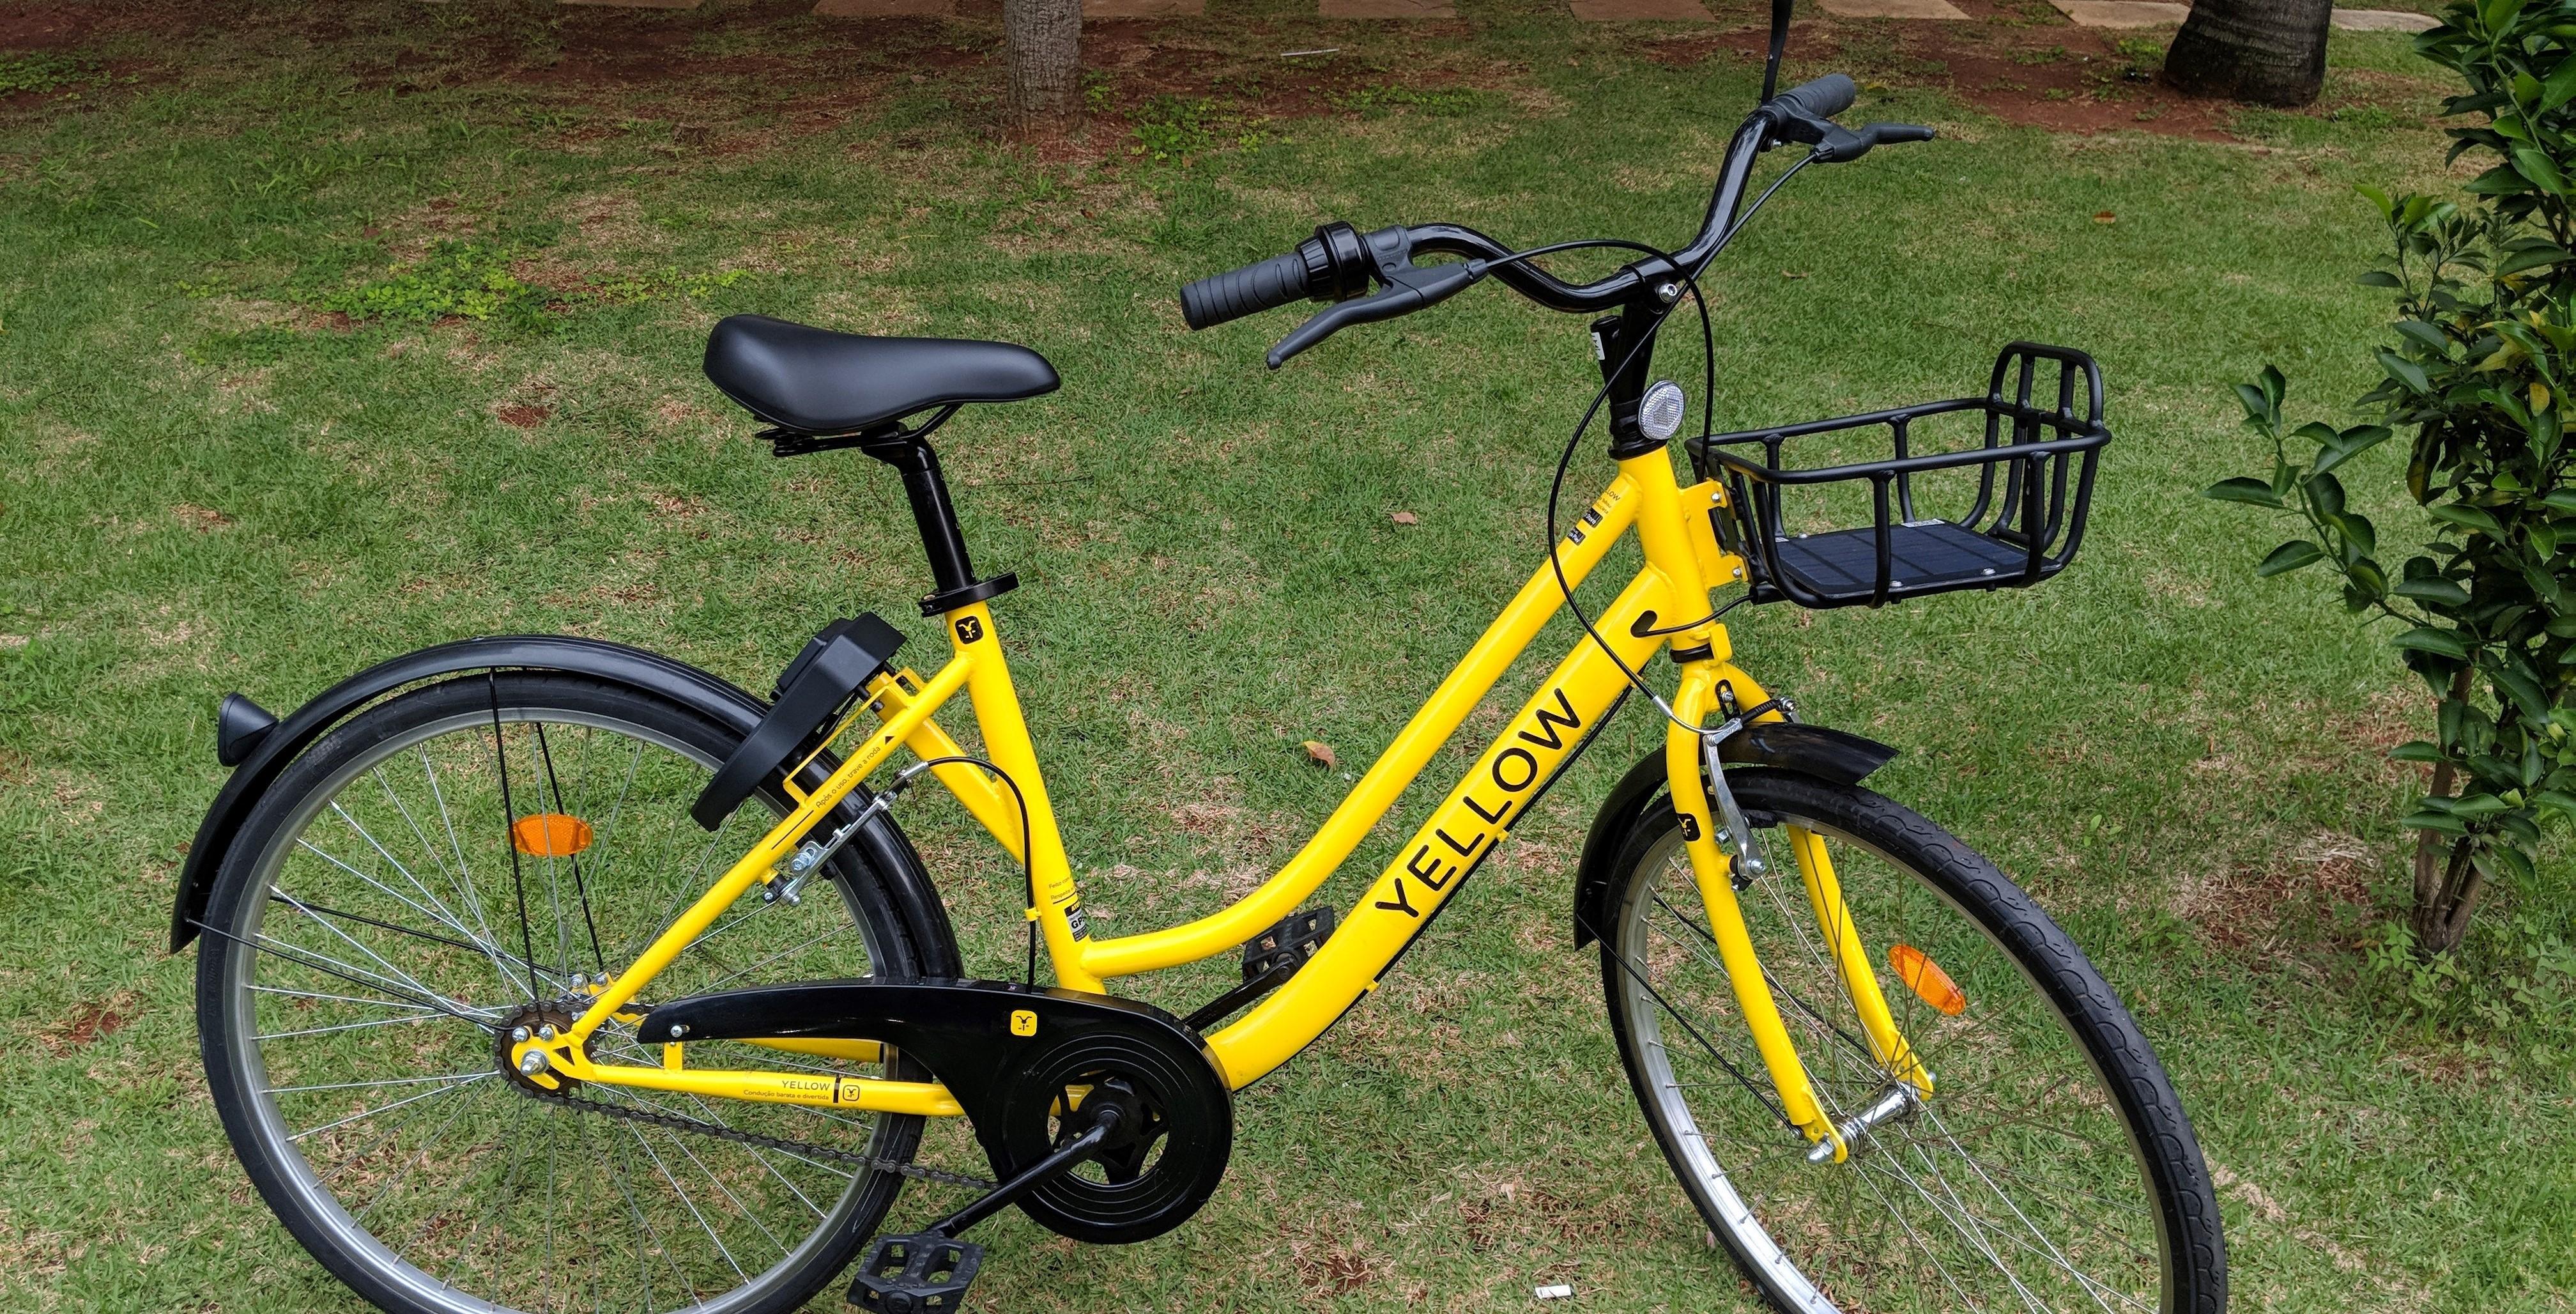 Resultado de imagem para yellow bike sharing